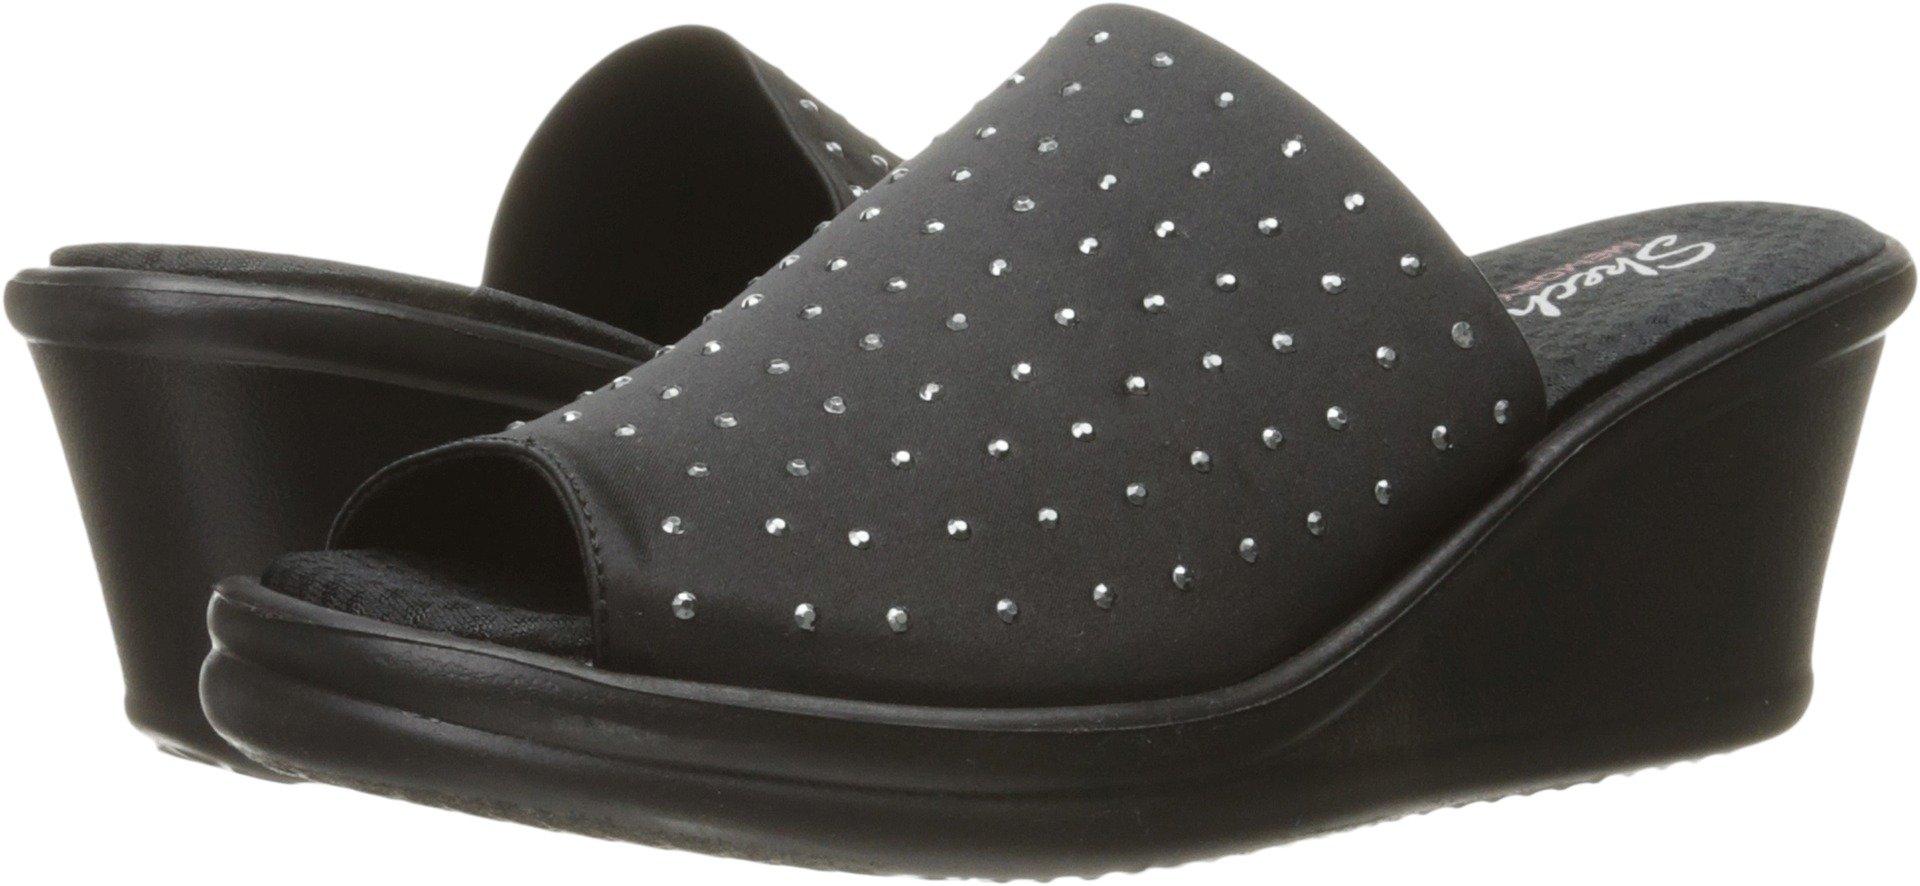 Skechers Cali Women's Rumblers-Silky Smooth Slide Sandal, Black 17, 7.5 M US